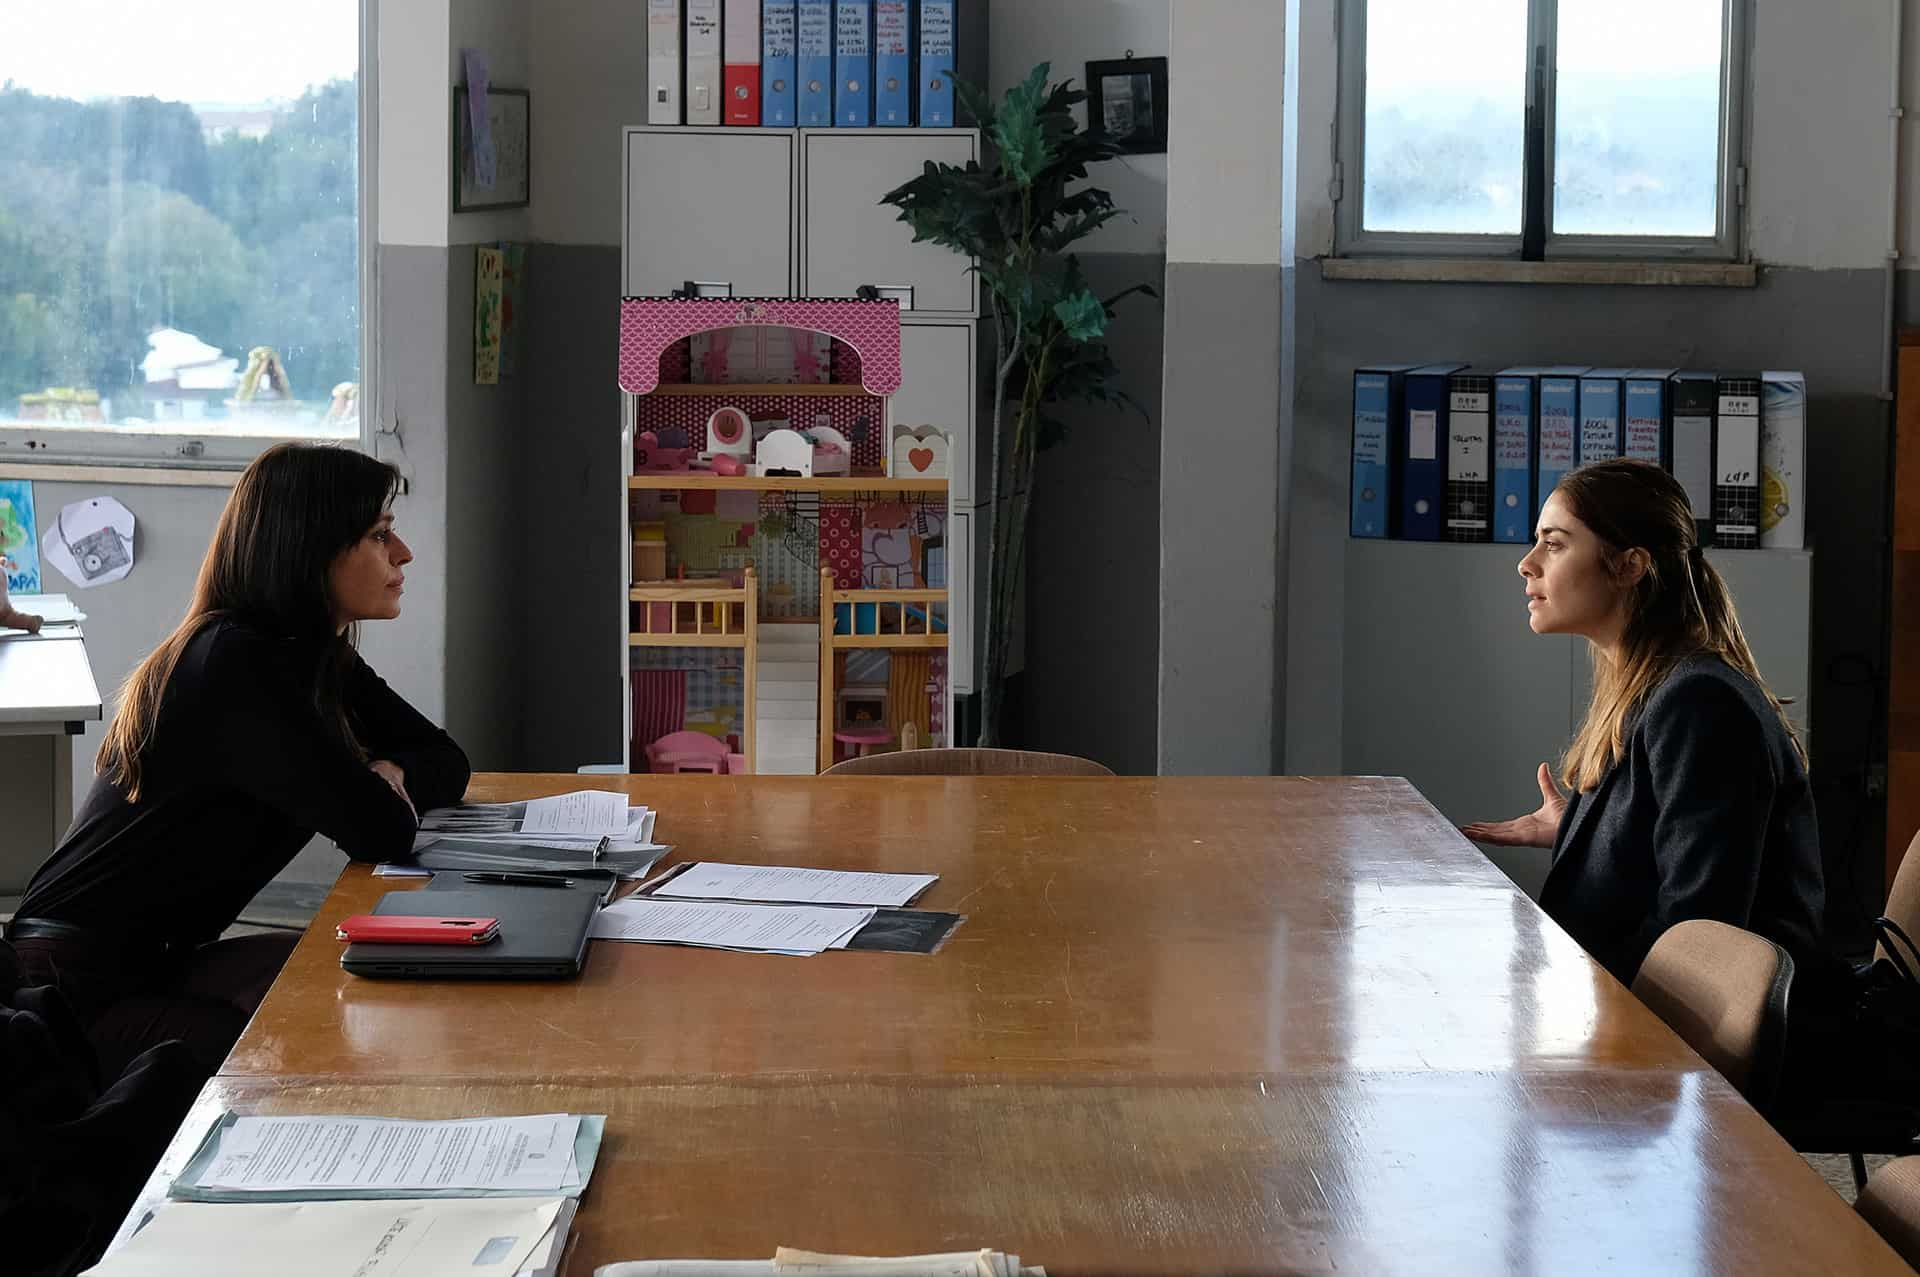 Chiamami ancora amore seconda puntata: Rosa indaga nel passato di Enrico e Anna